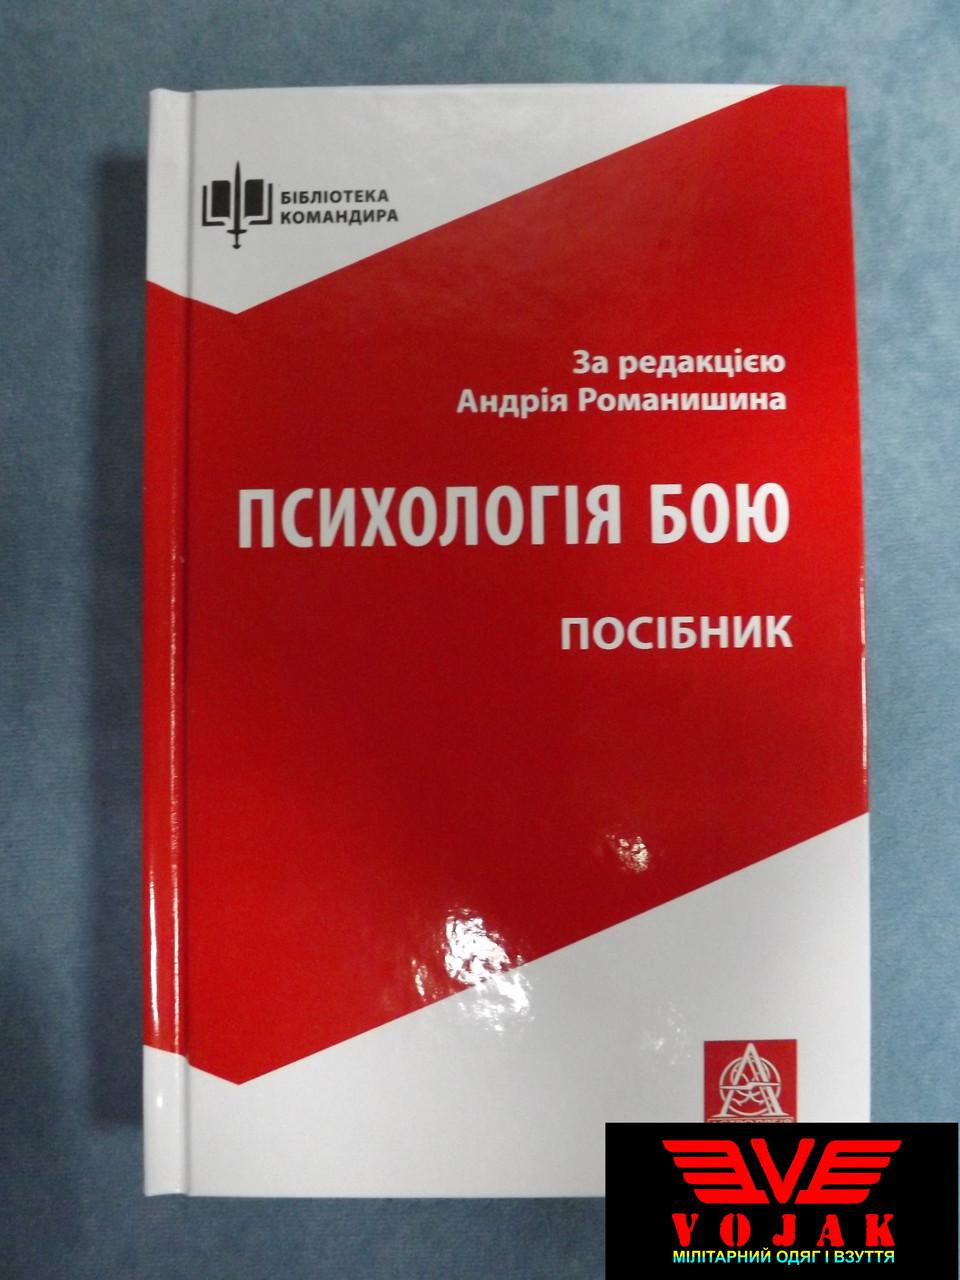 Психологія бою: Посібник За редакцією Андрея Романишина